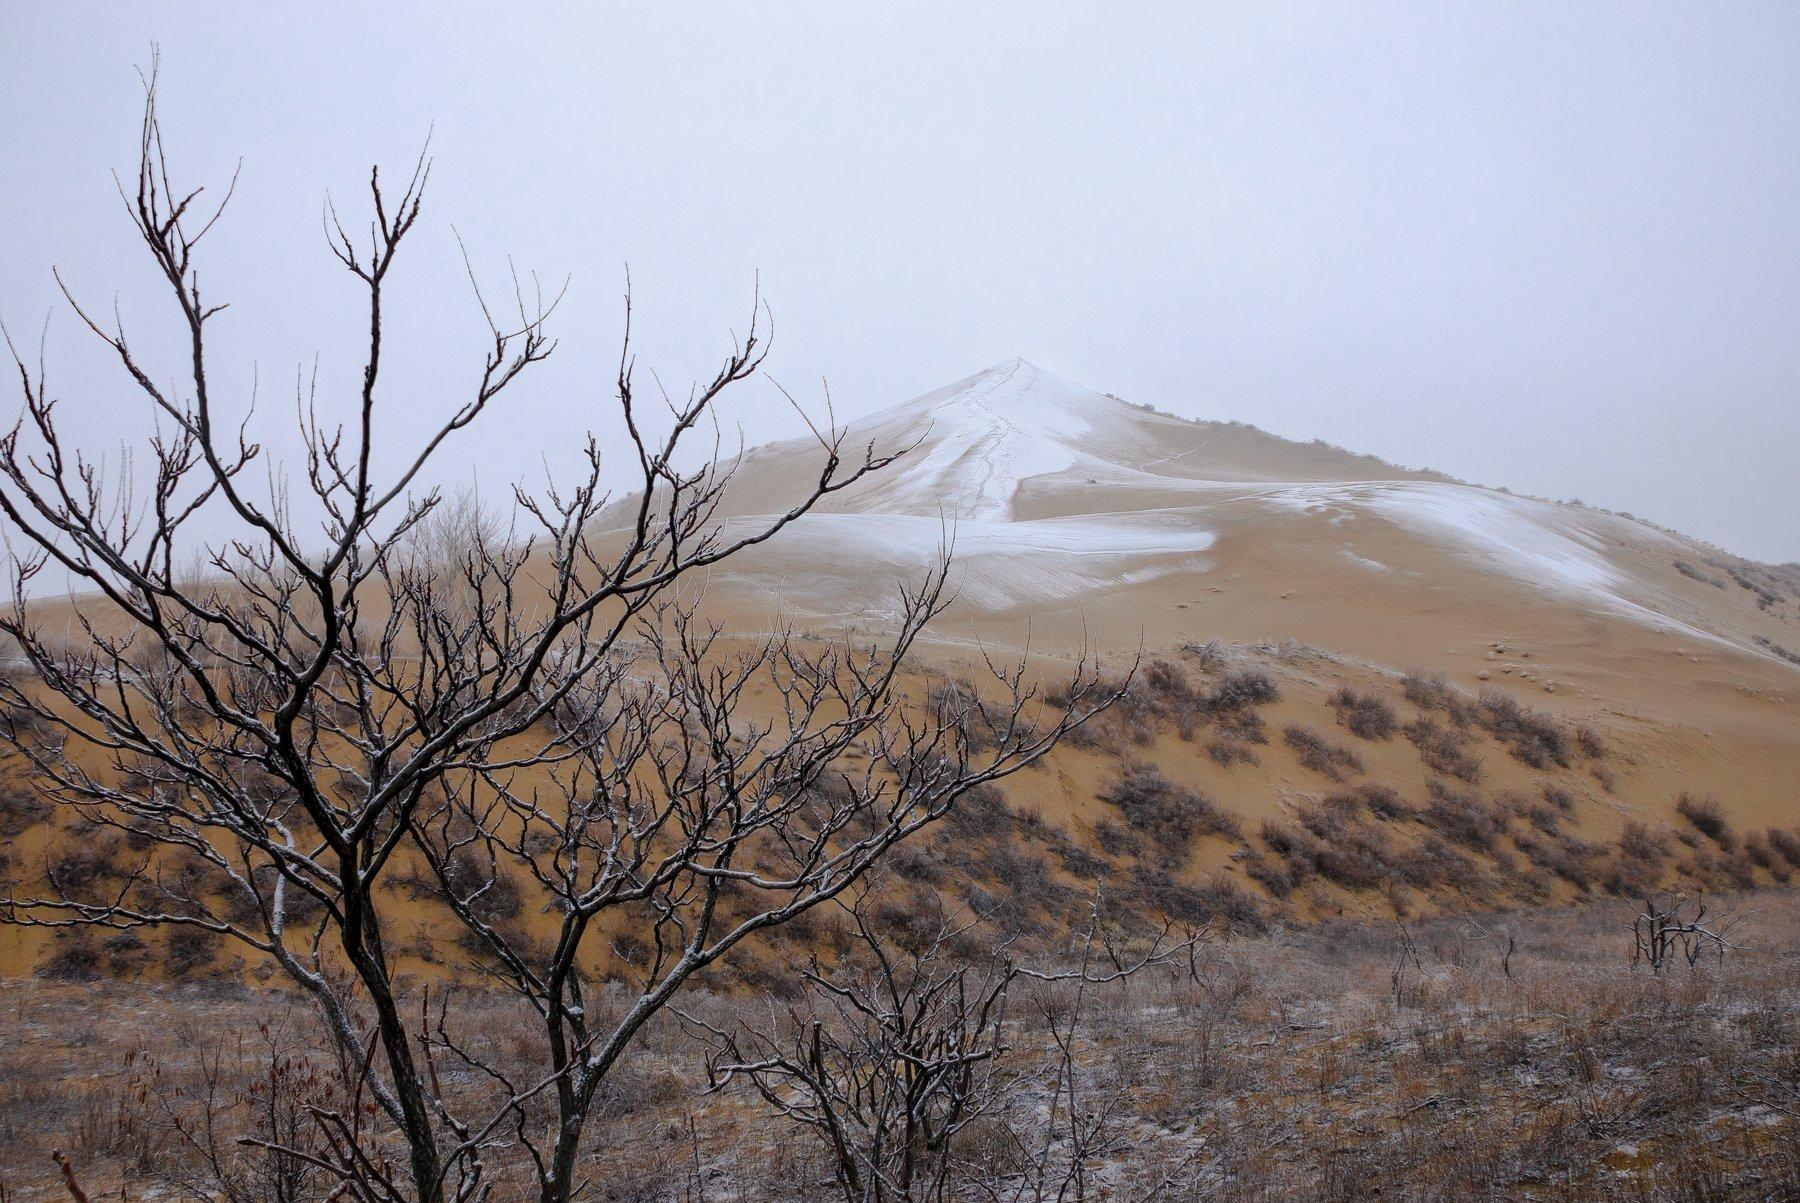 бархан,сарыкумский бархан,январь,зима,песок,снег,песчаный,японские мотивы,куст,деревце,ветви,вершина, Соварцева Ксюша